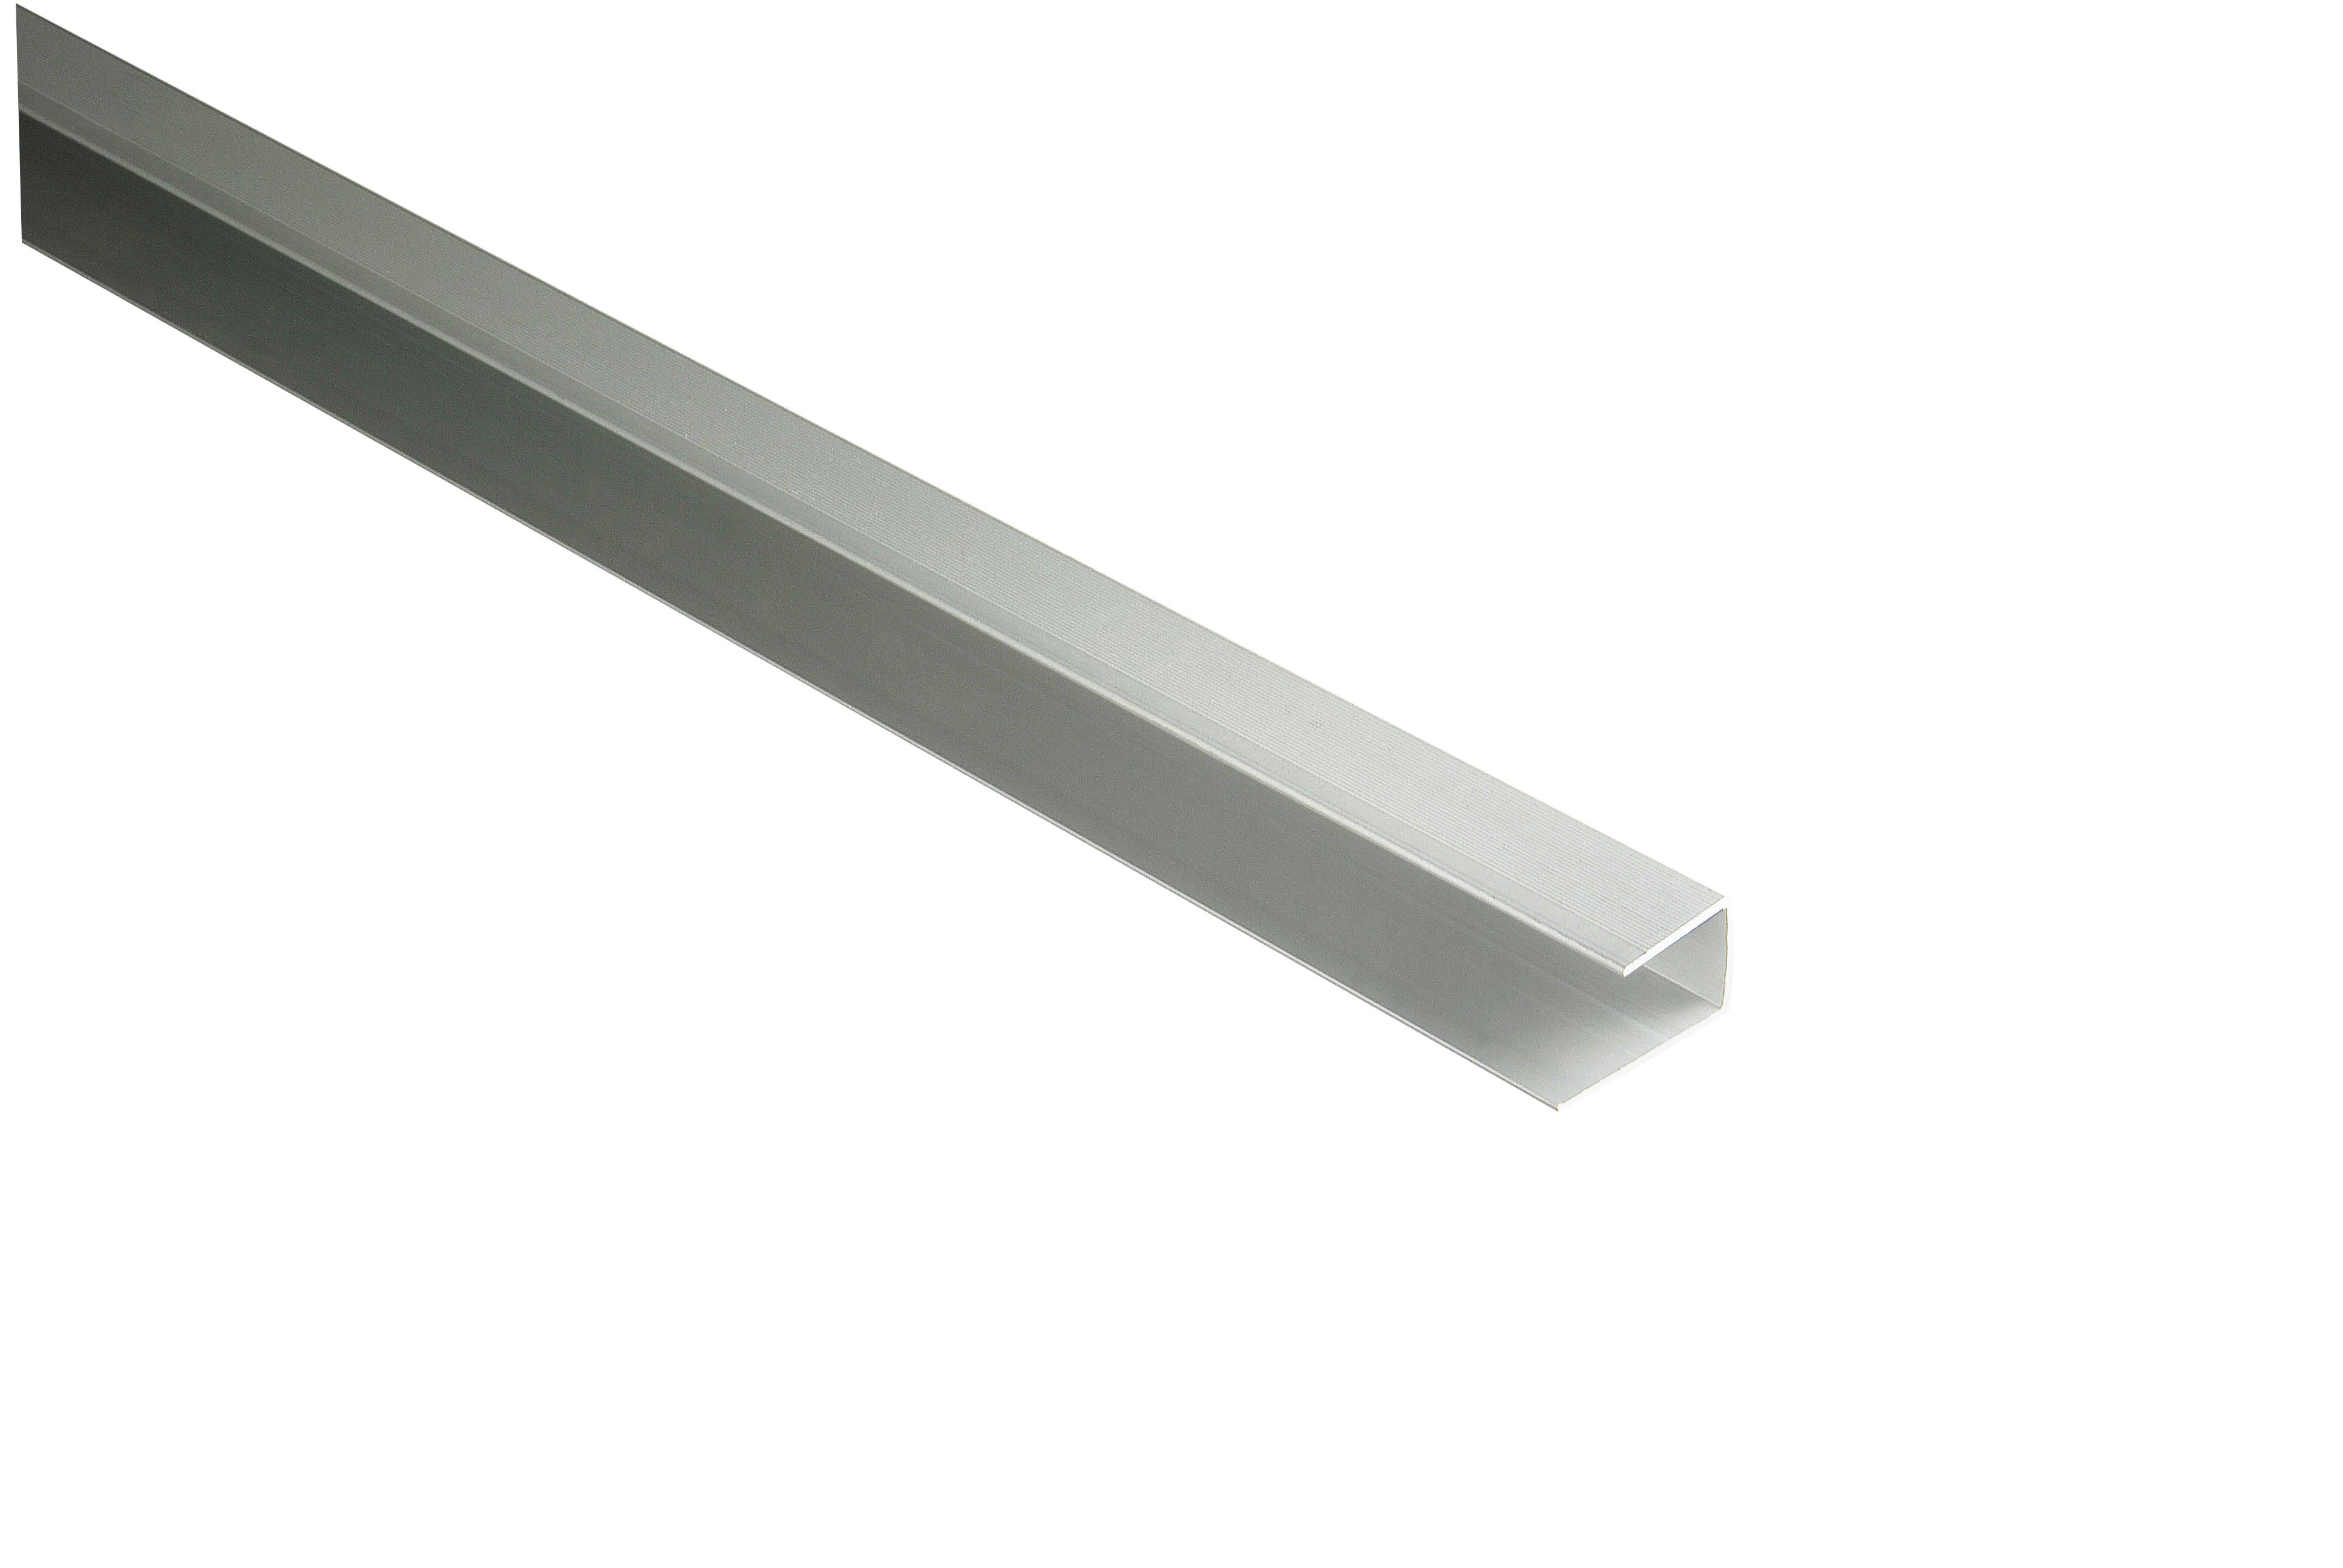 Kovalex Aluminium-Einfassprofil (U-Profil) für 20 mm Dielen - Farbe: Alu-Silber